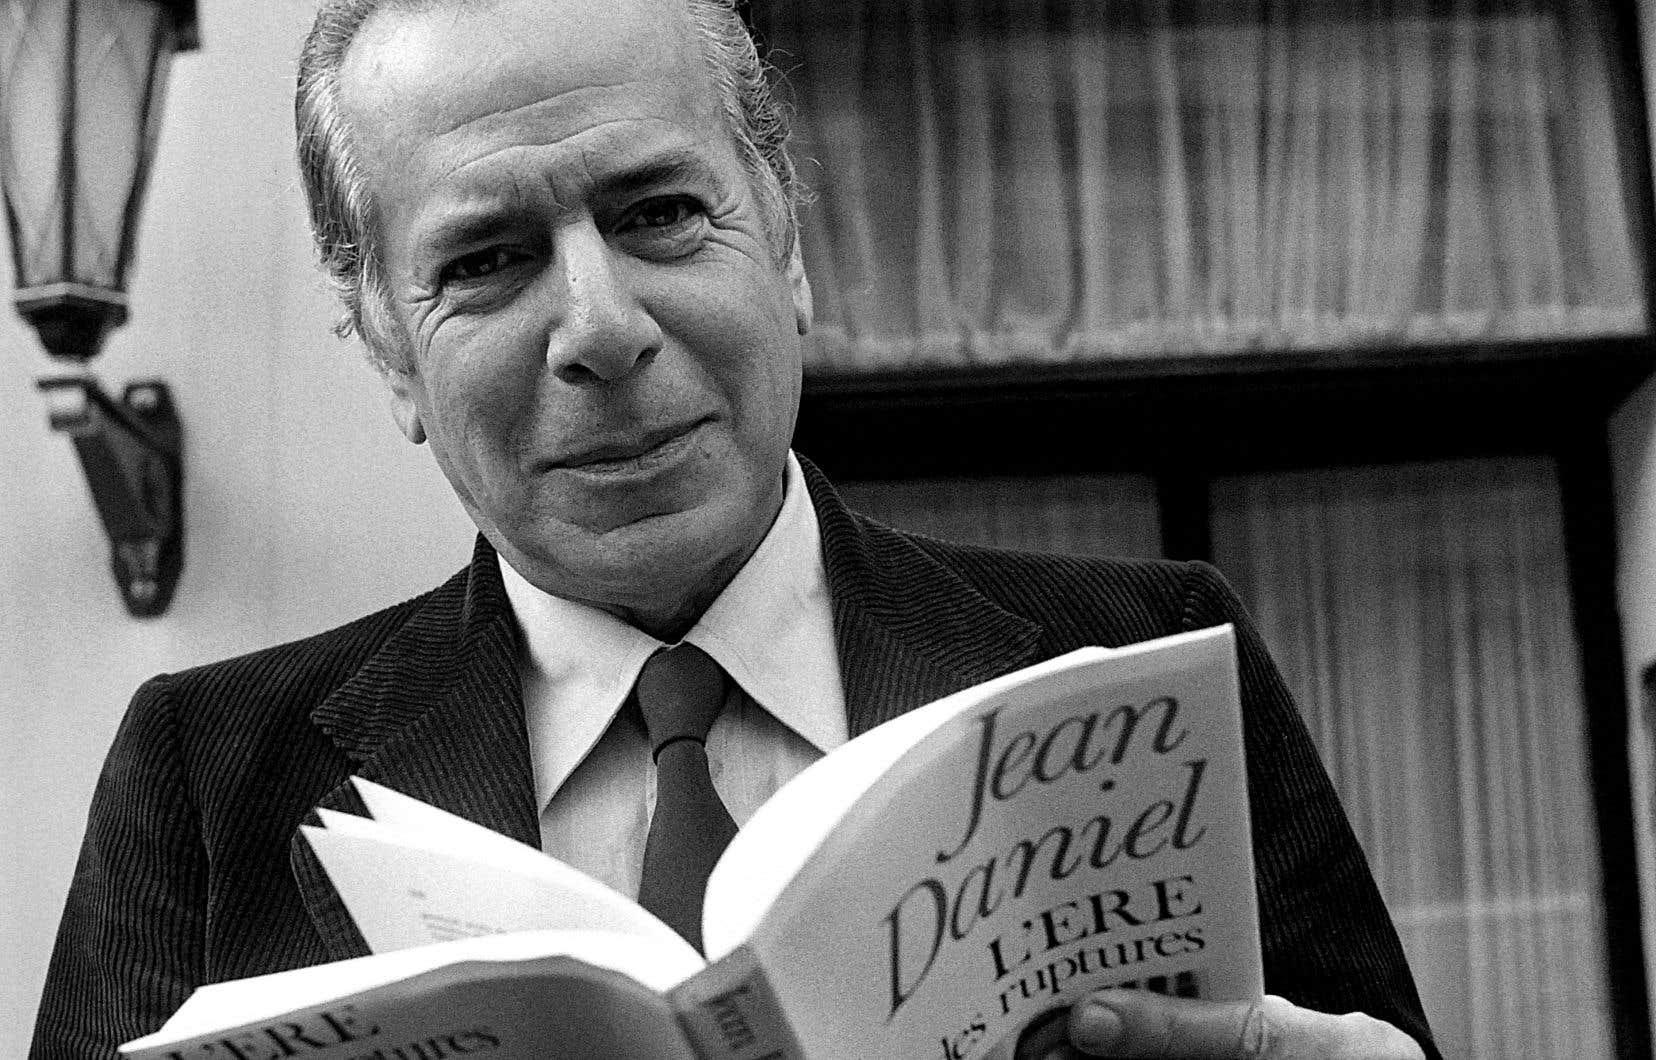 Journaliste, écrivain et essayiste, Jean Daniel a signé une trentaine de livres.